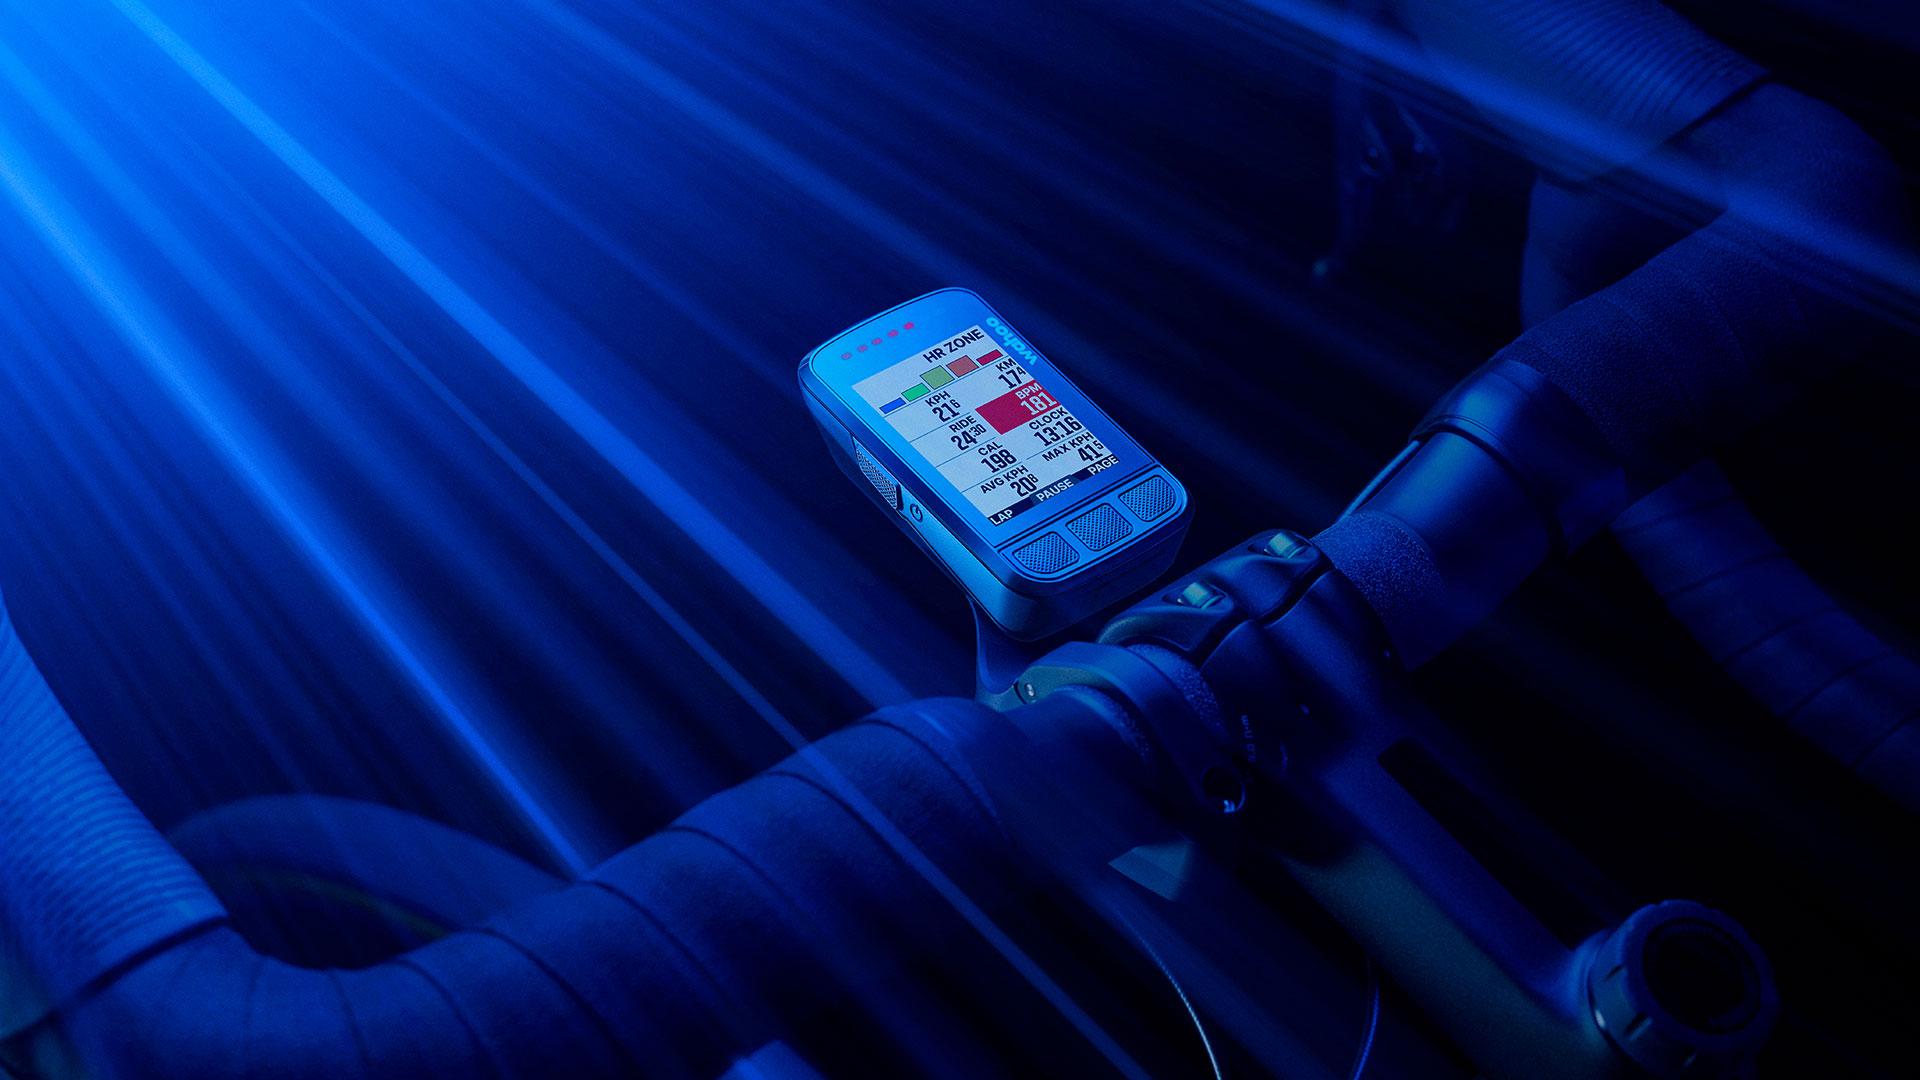 Wahoo ELEMNT BOLT vernieuwd: kleurenscherm en slimmere navigatie